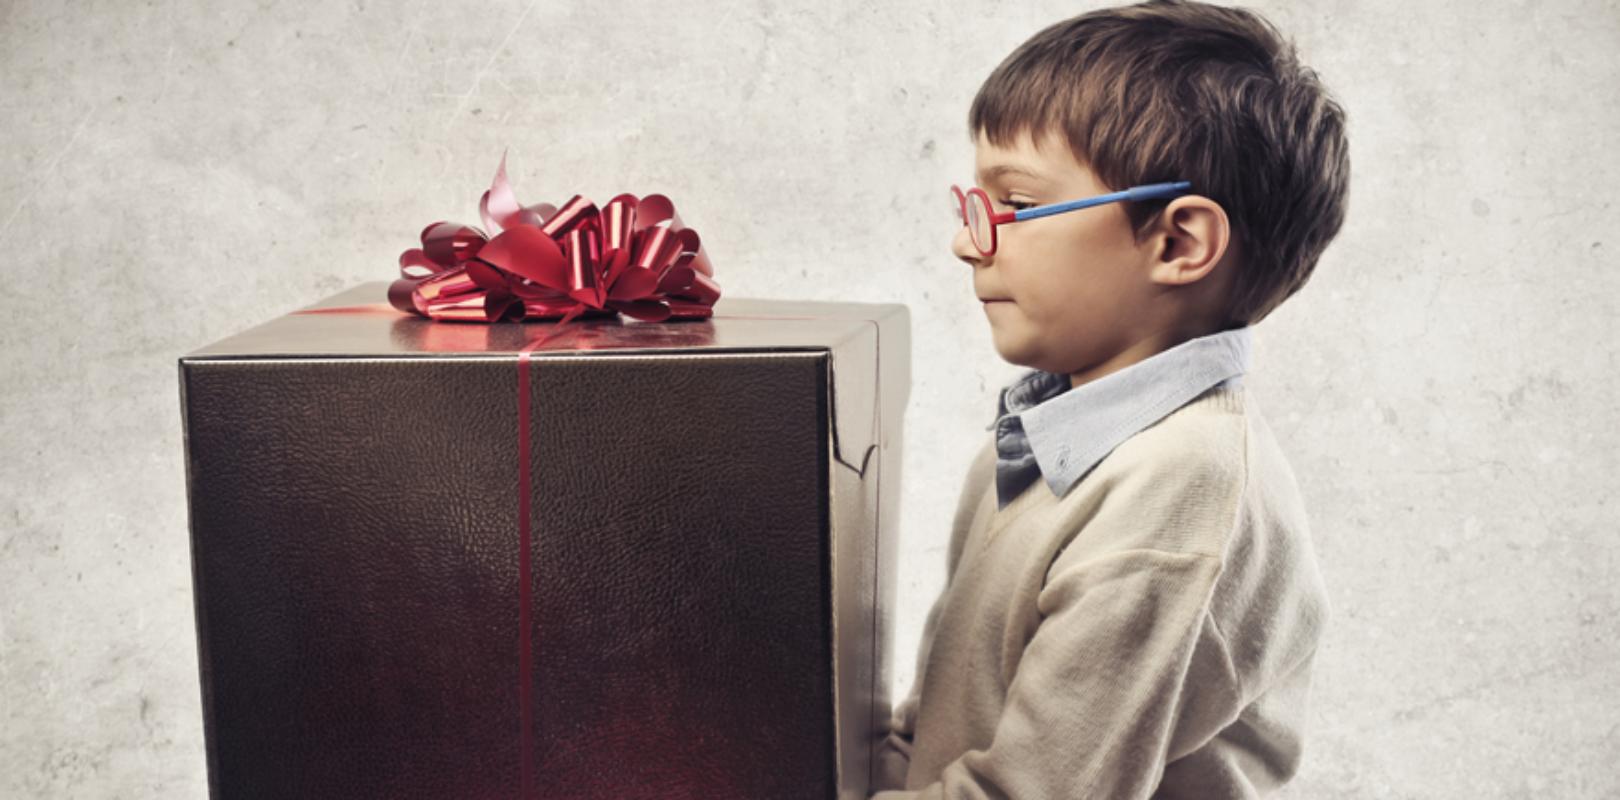 Geschenke für Kinder 10-13 Jahre › papa.de